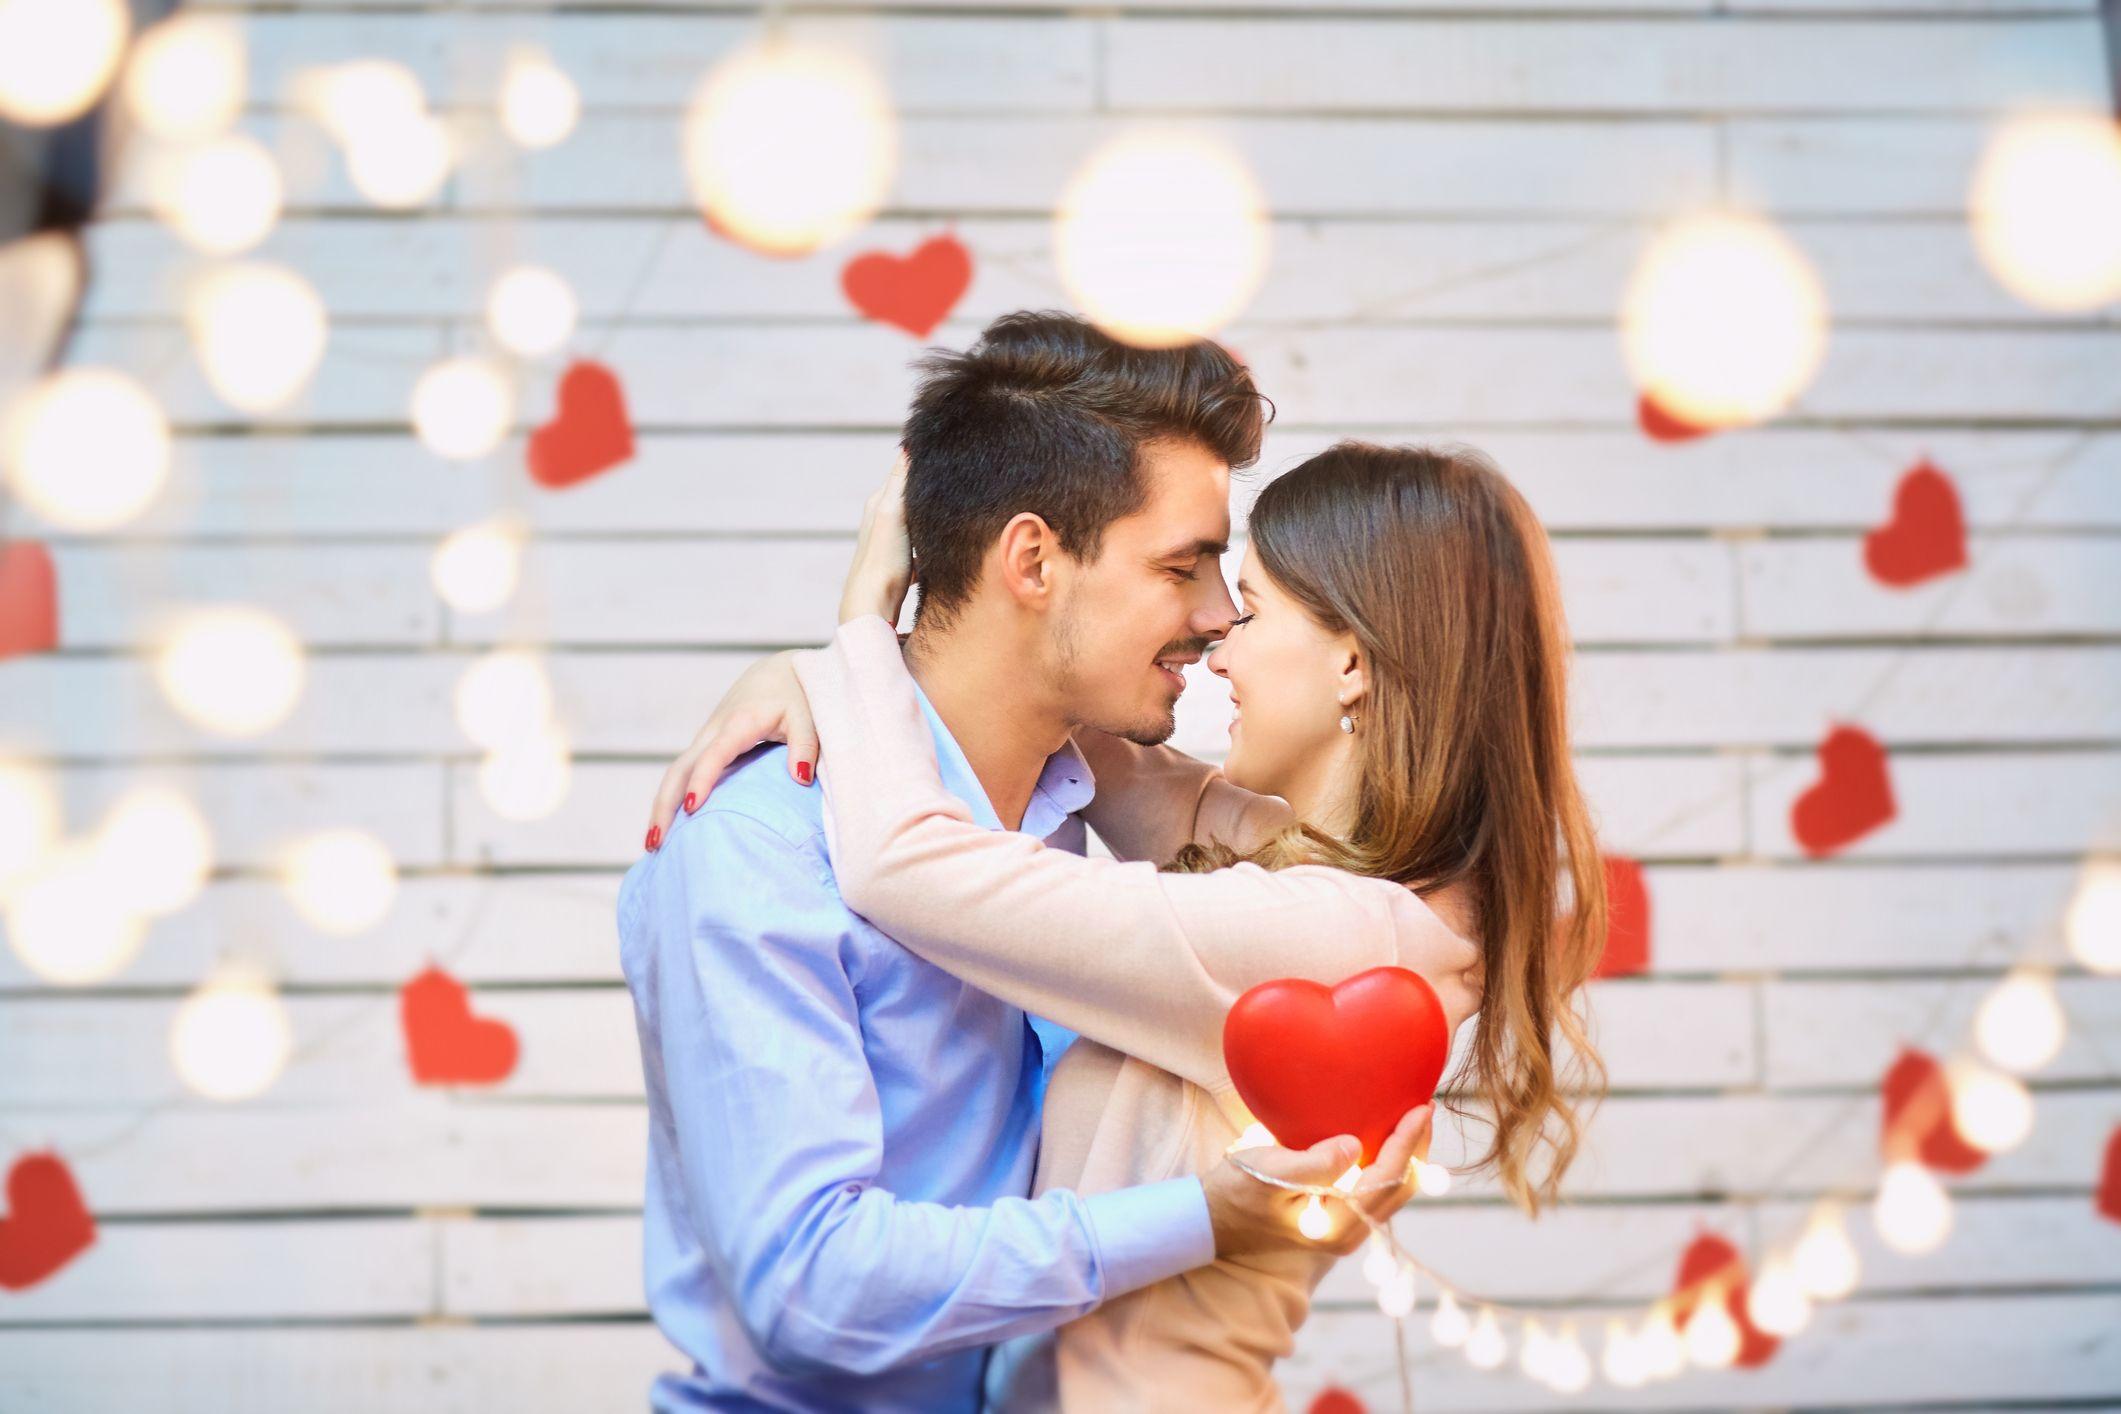 date real erotic singles